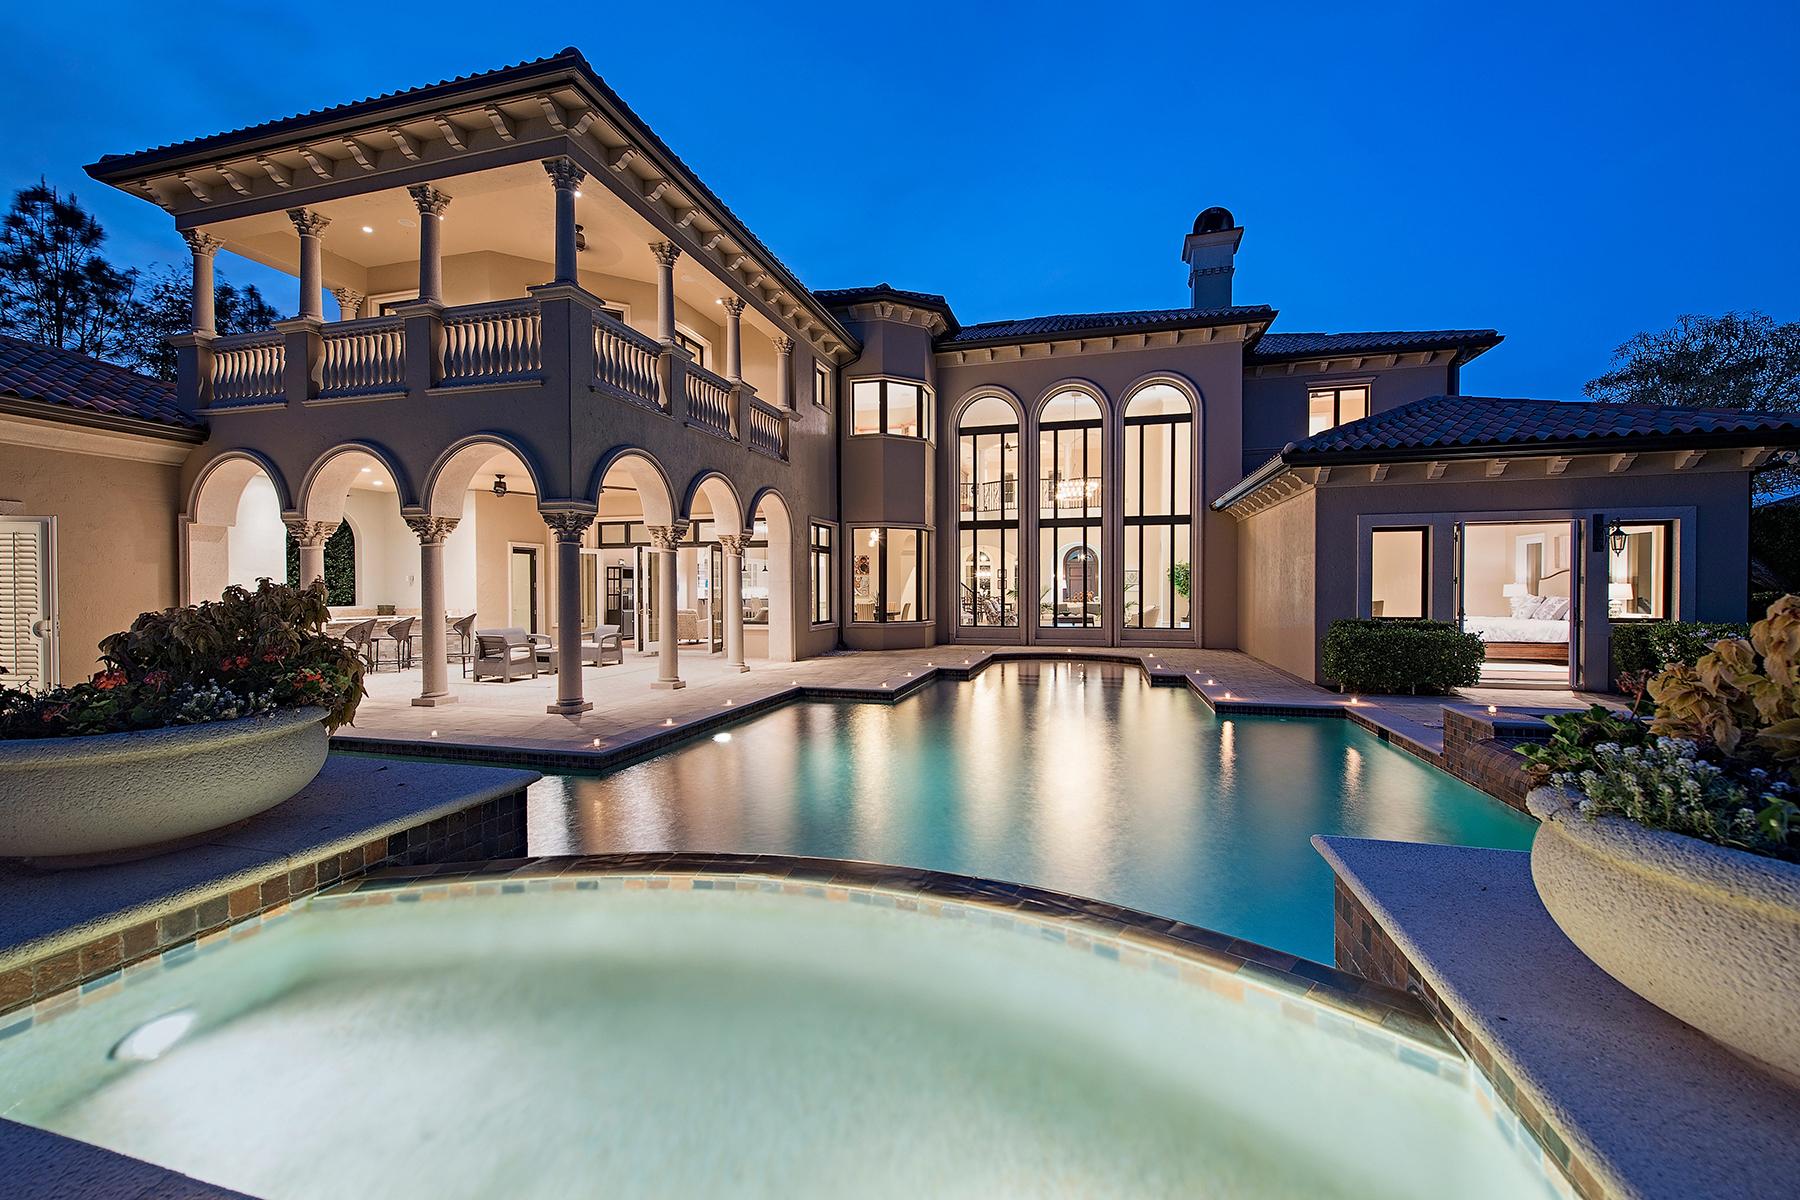 一戸建て のために 売買 アット Naples 16770 Prato Way Naples, フロリダ, 34110 アメリカ合衆国